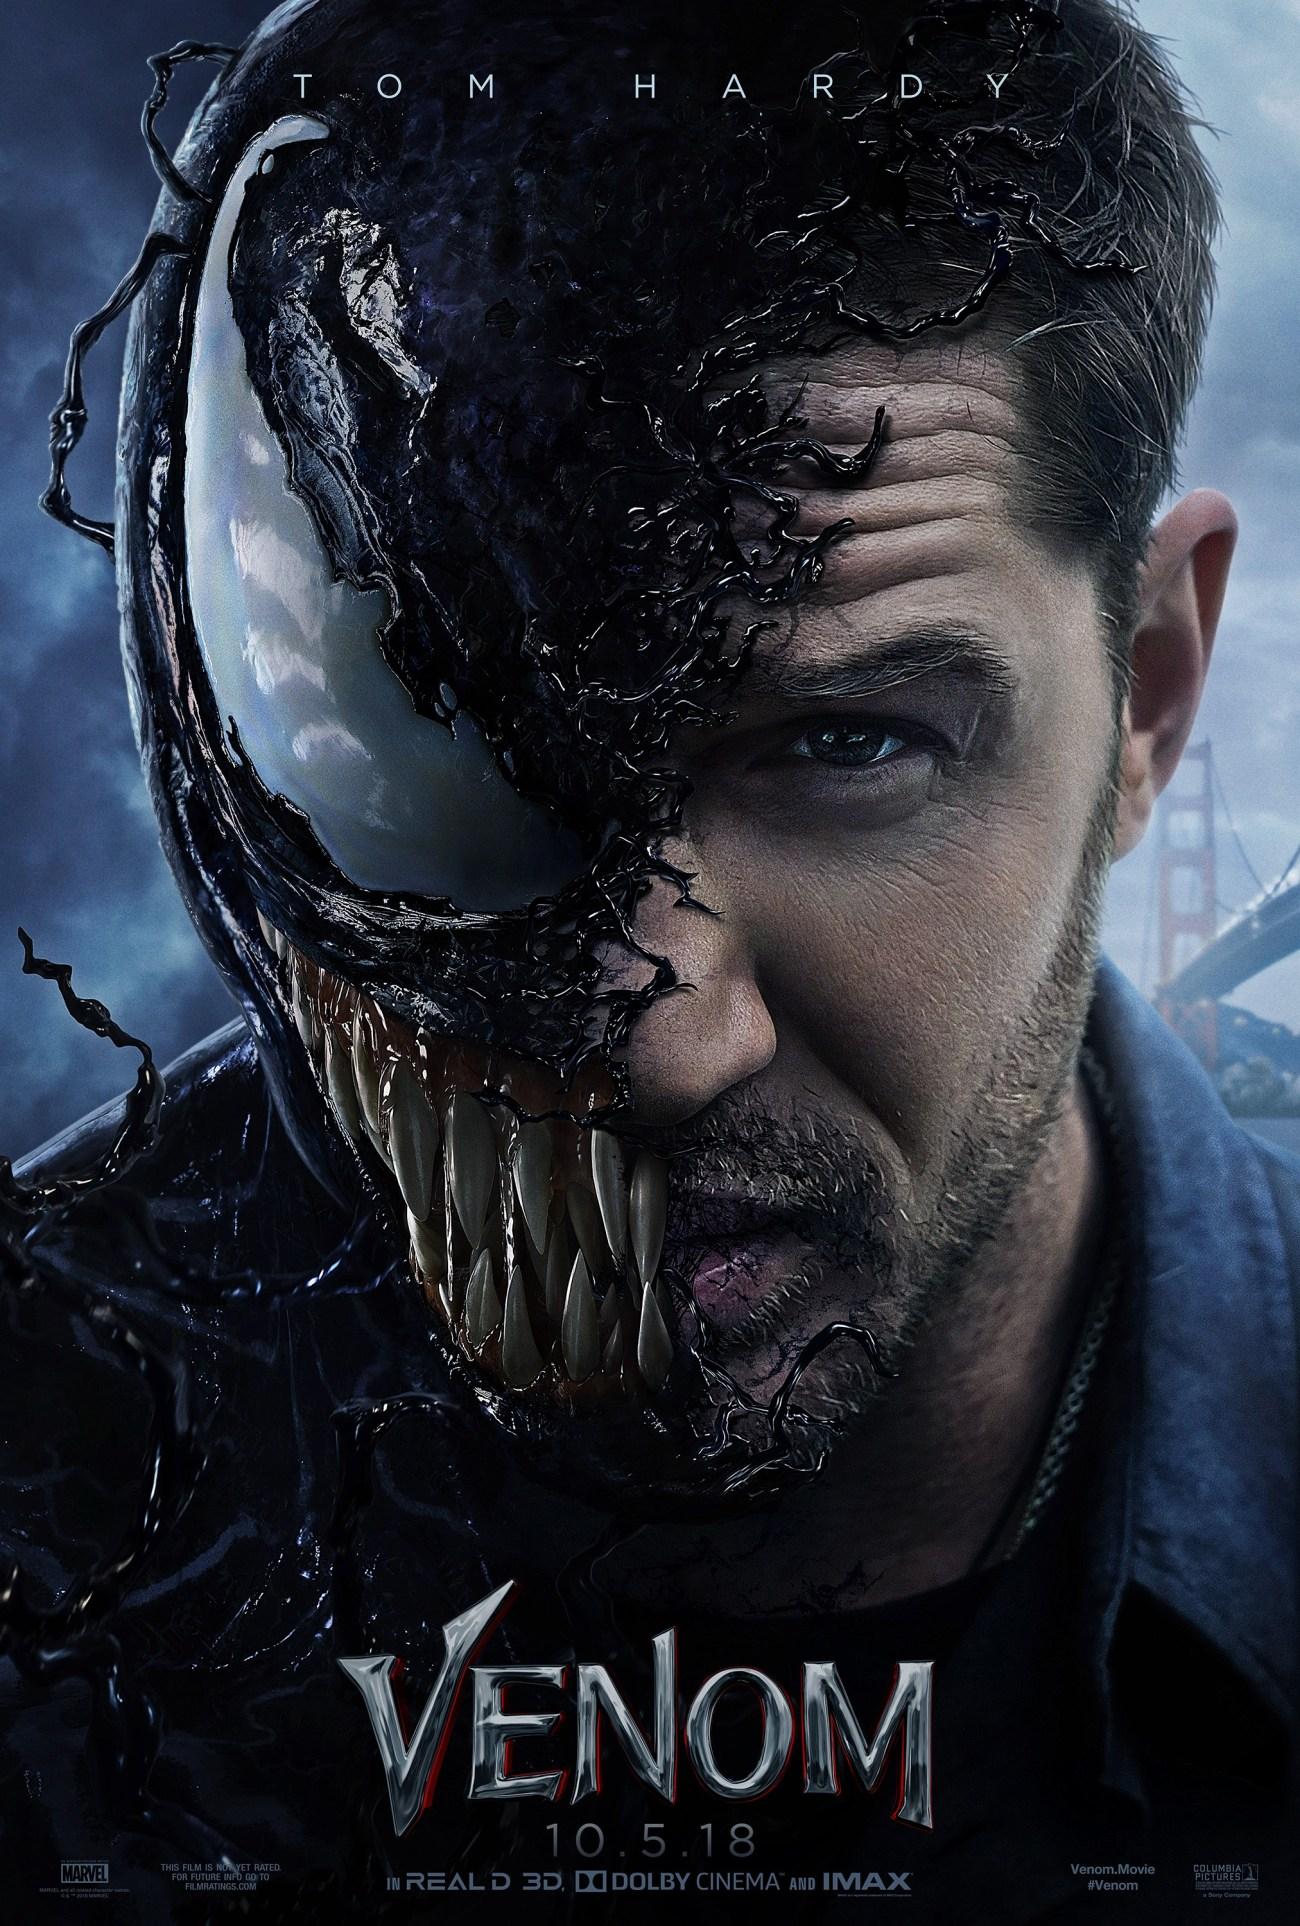 Venom (2018) recaudó $856,085,151 dólares mundialmente (Fuente: Box Office Mojo). Imagen: impawards.com